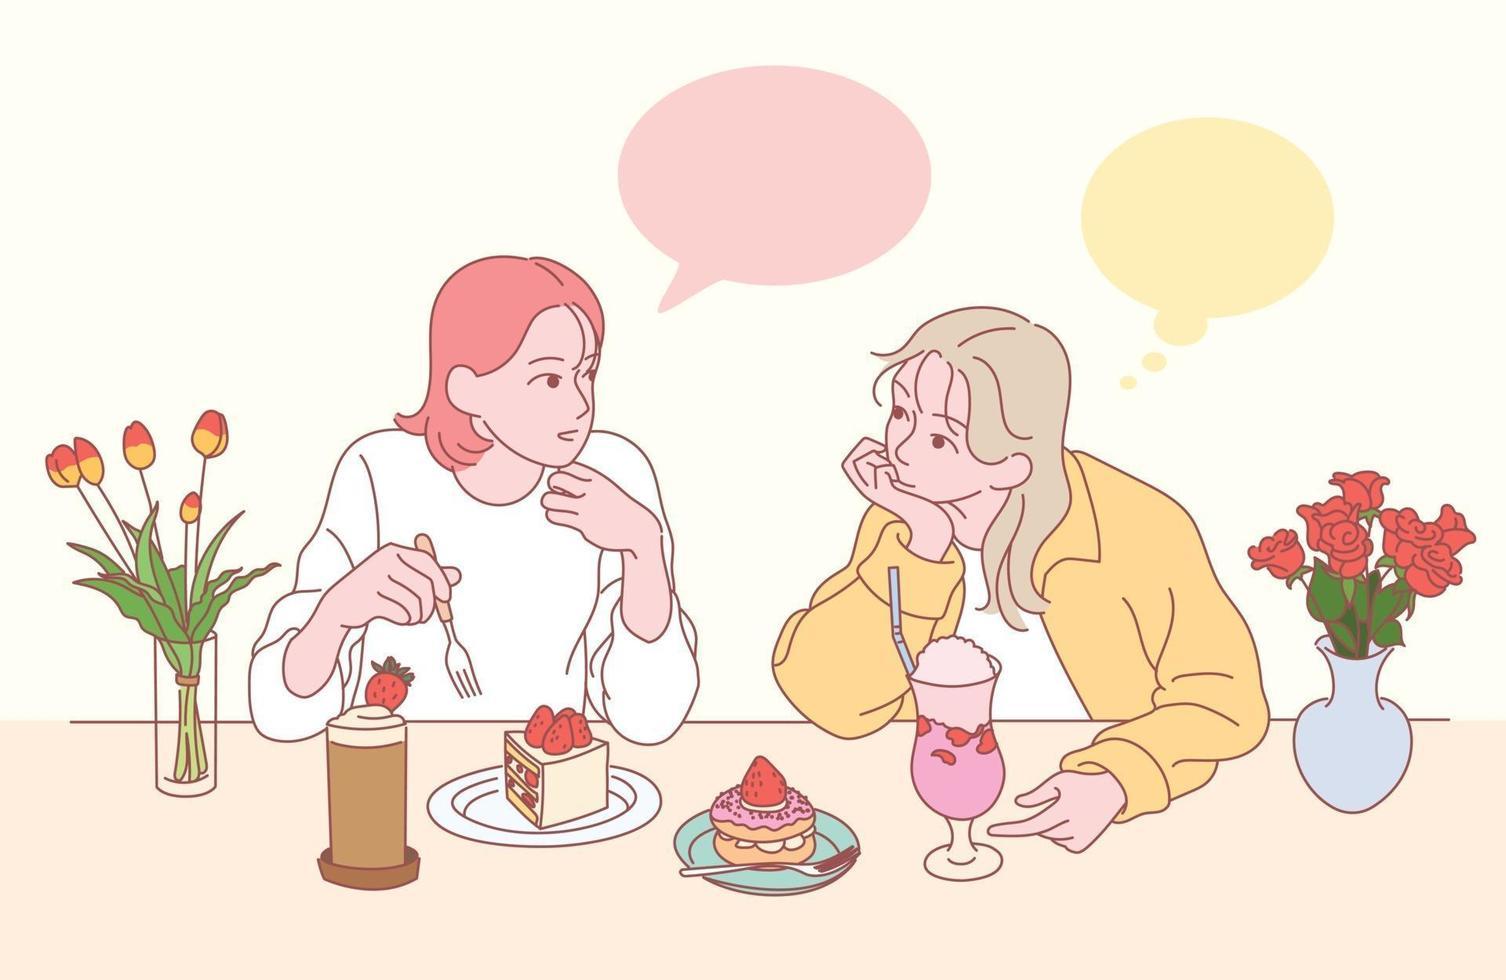 dois amigos estão bebendo bolo e suco em uma loja de sobremesas de morango. mão desenhada estilo ilustrações vetoriais. vetor